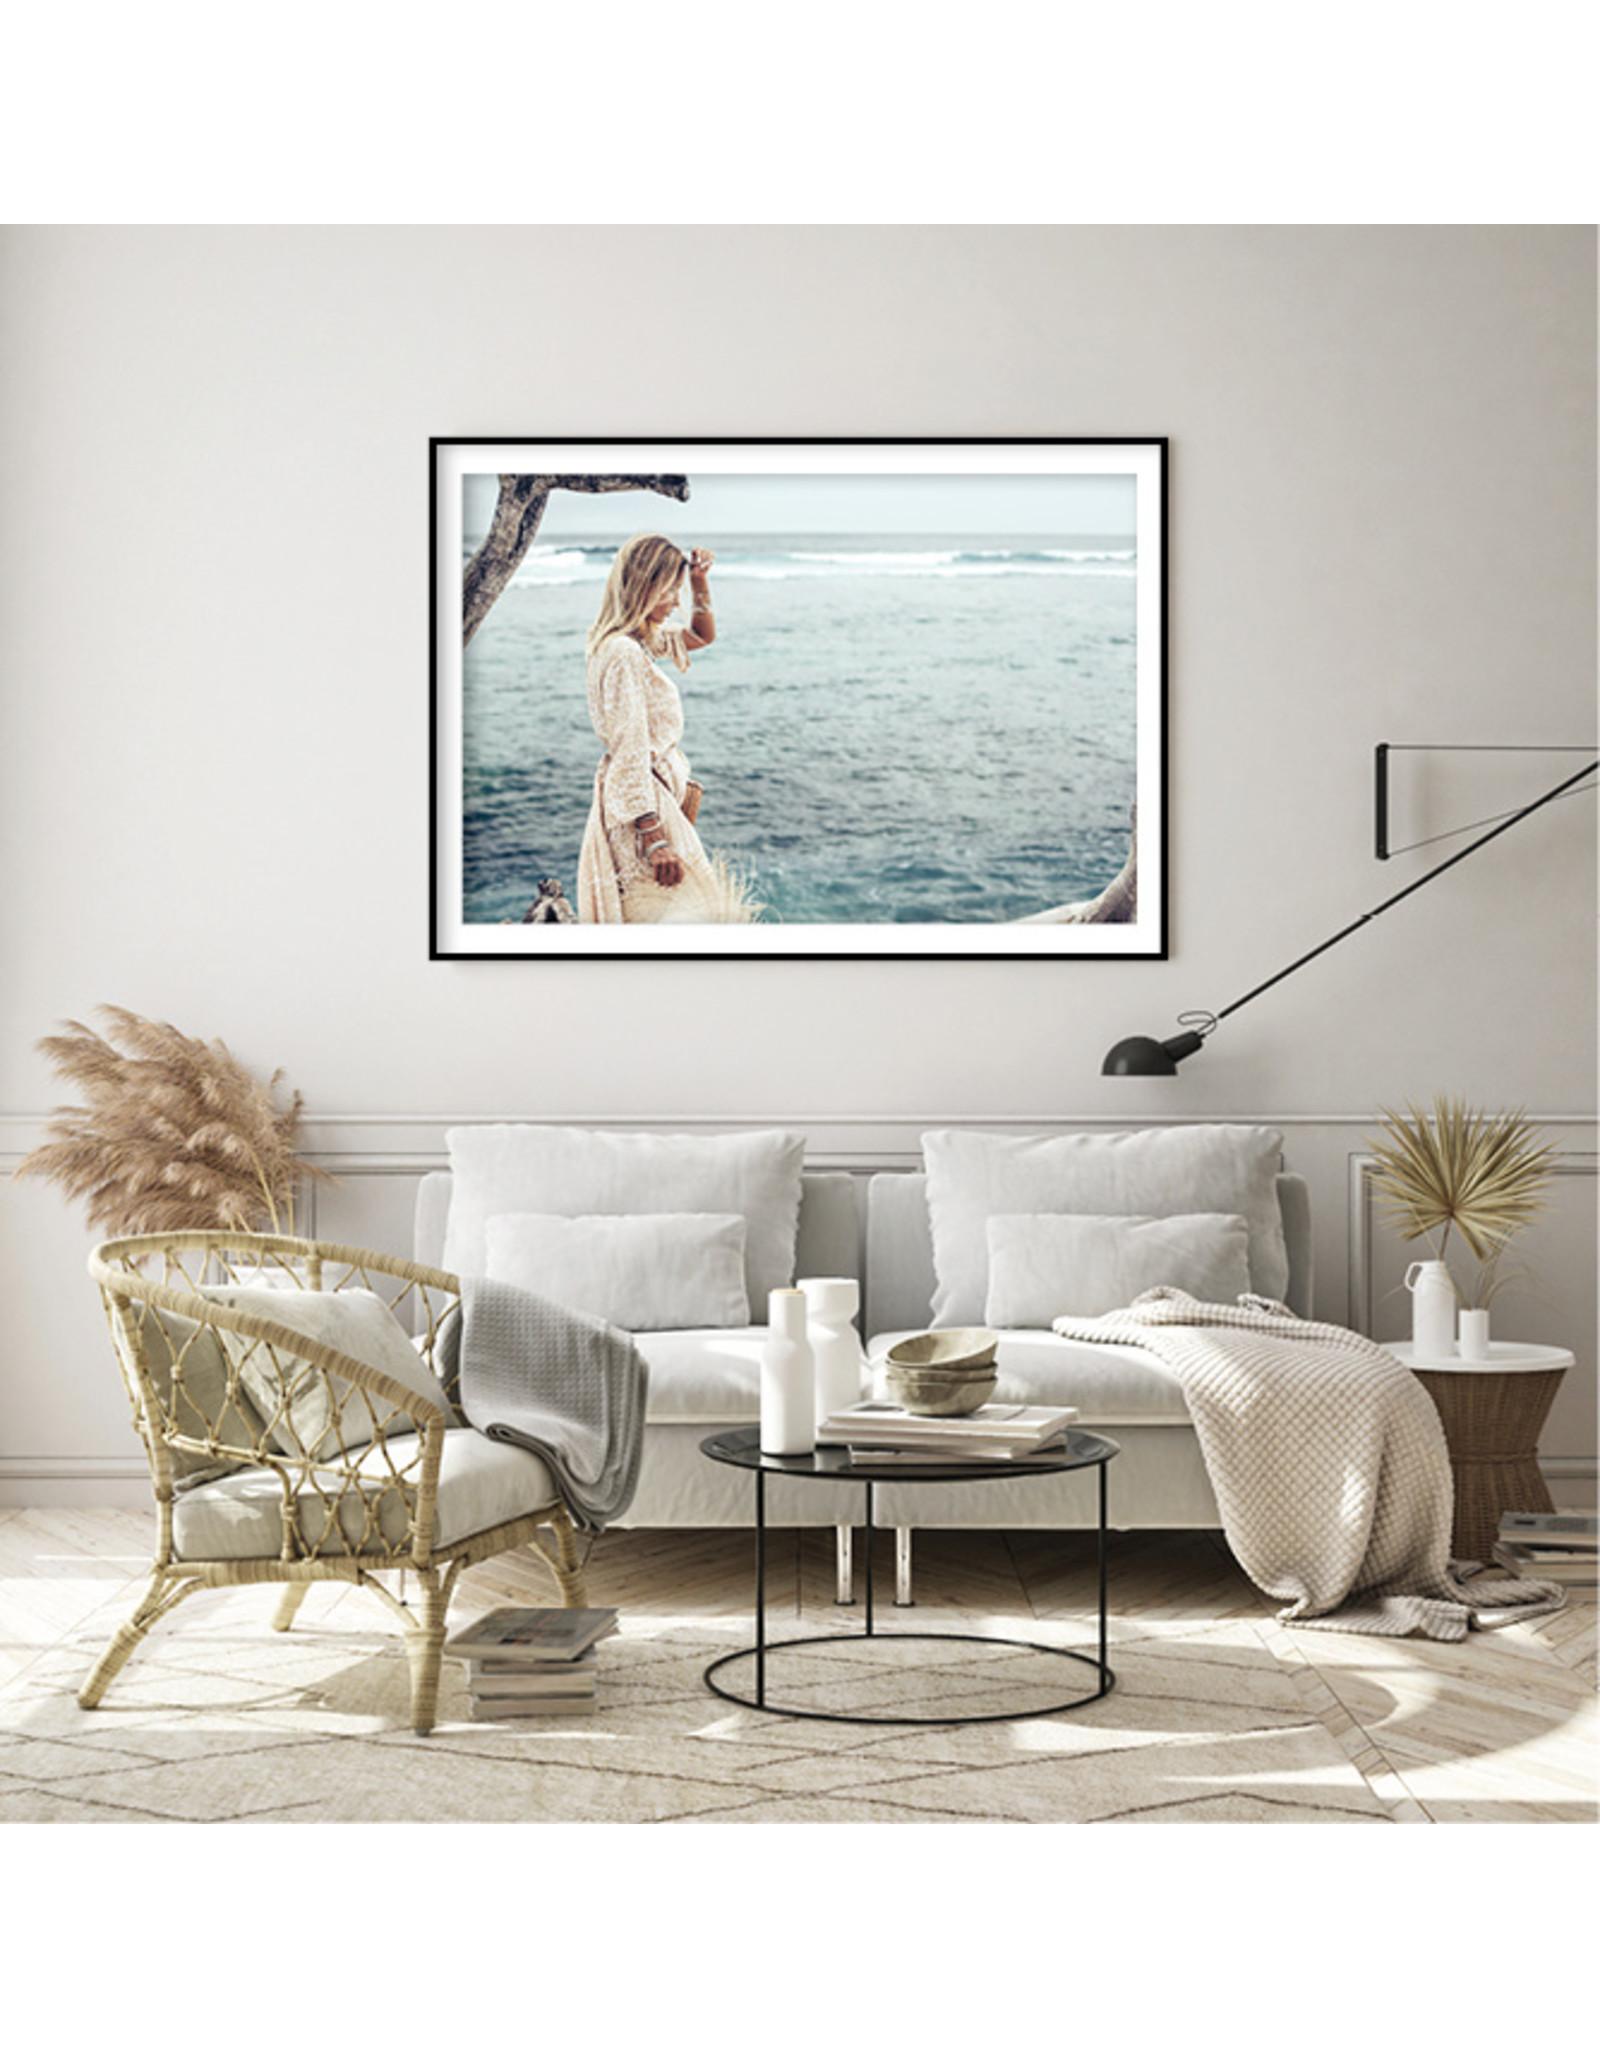 Dunnebier Home Poster Vrouw_Boho_No3